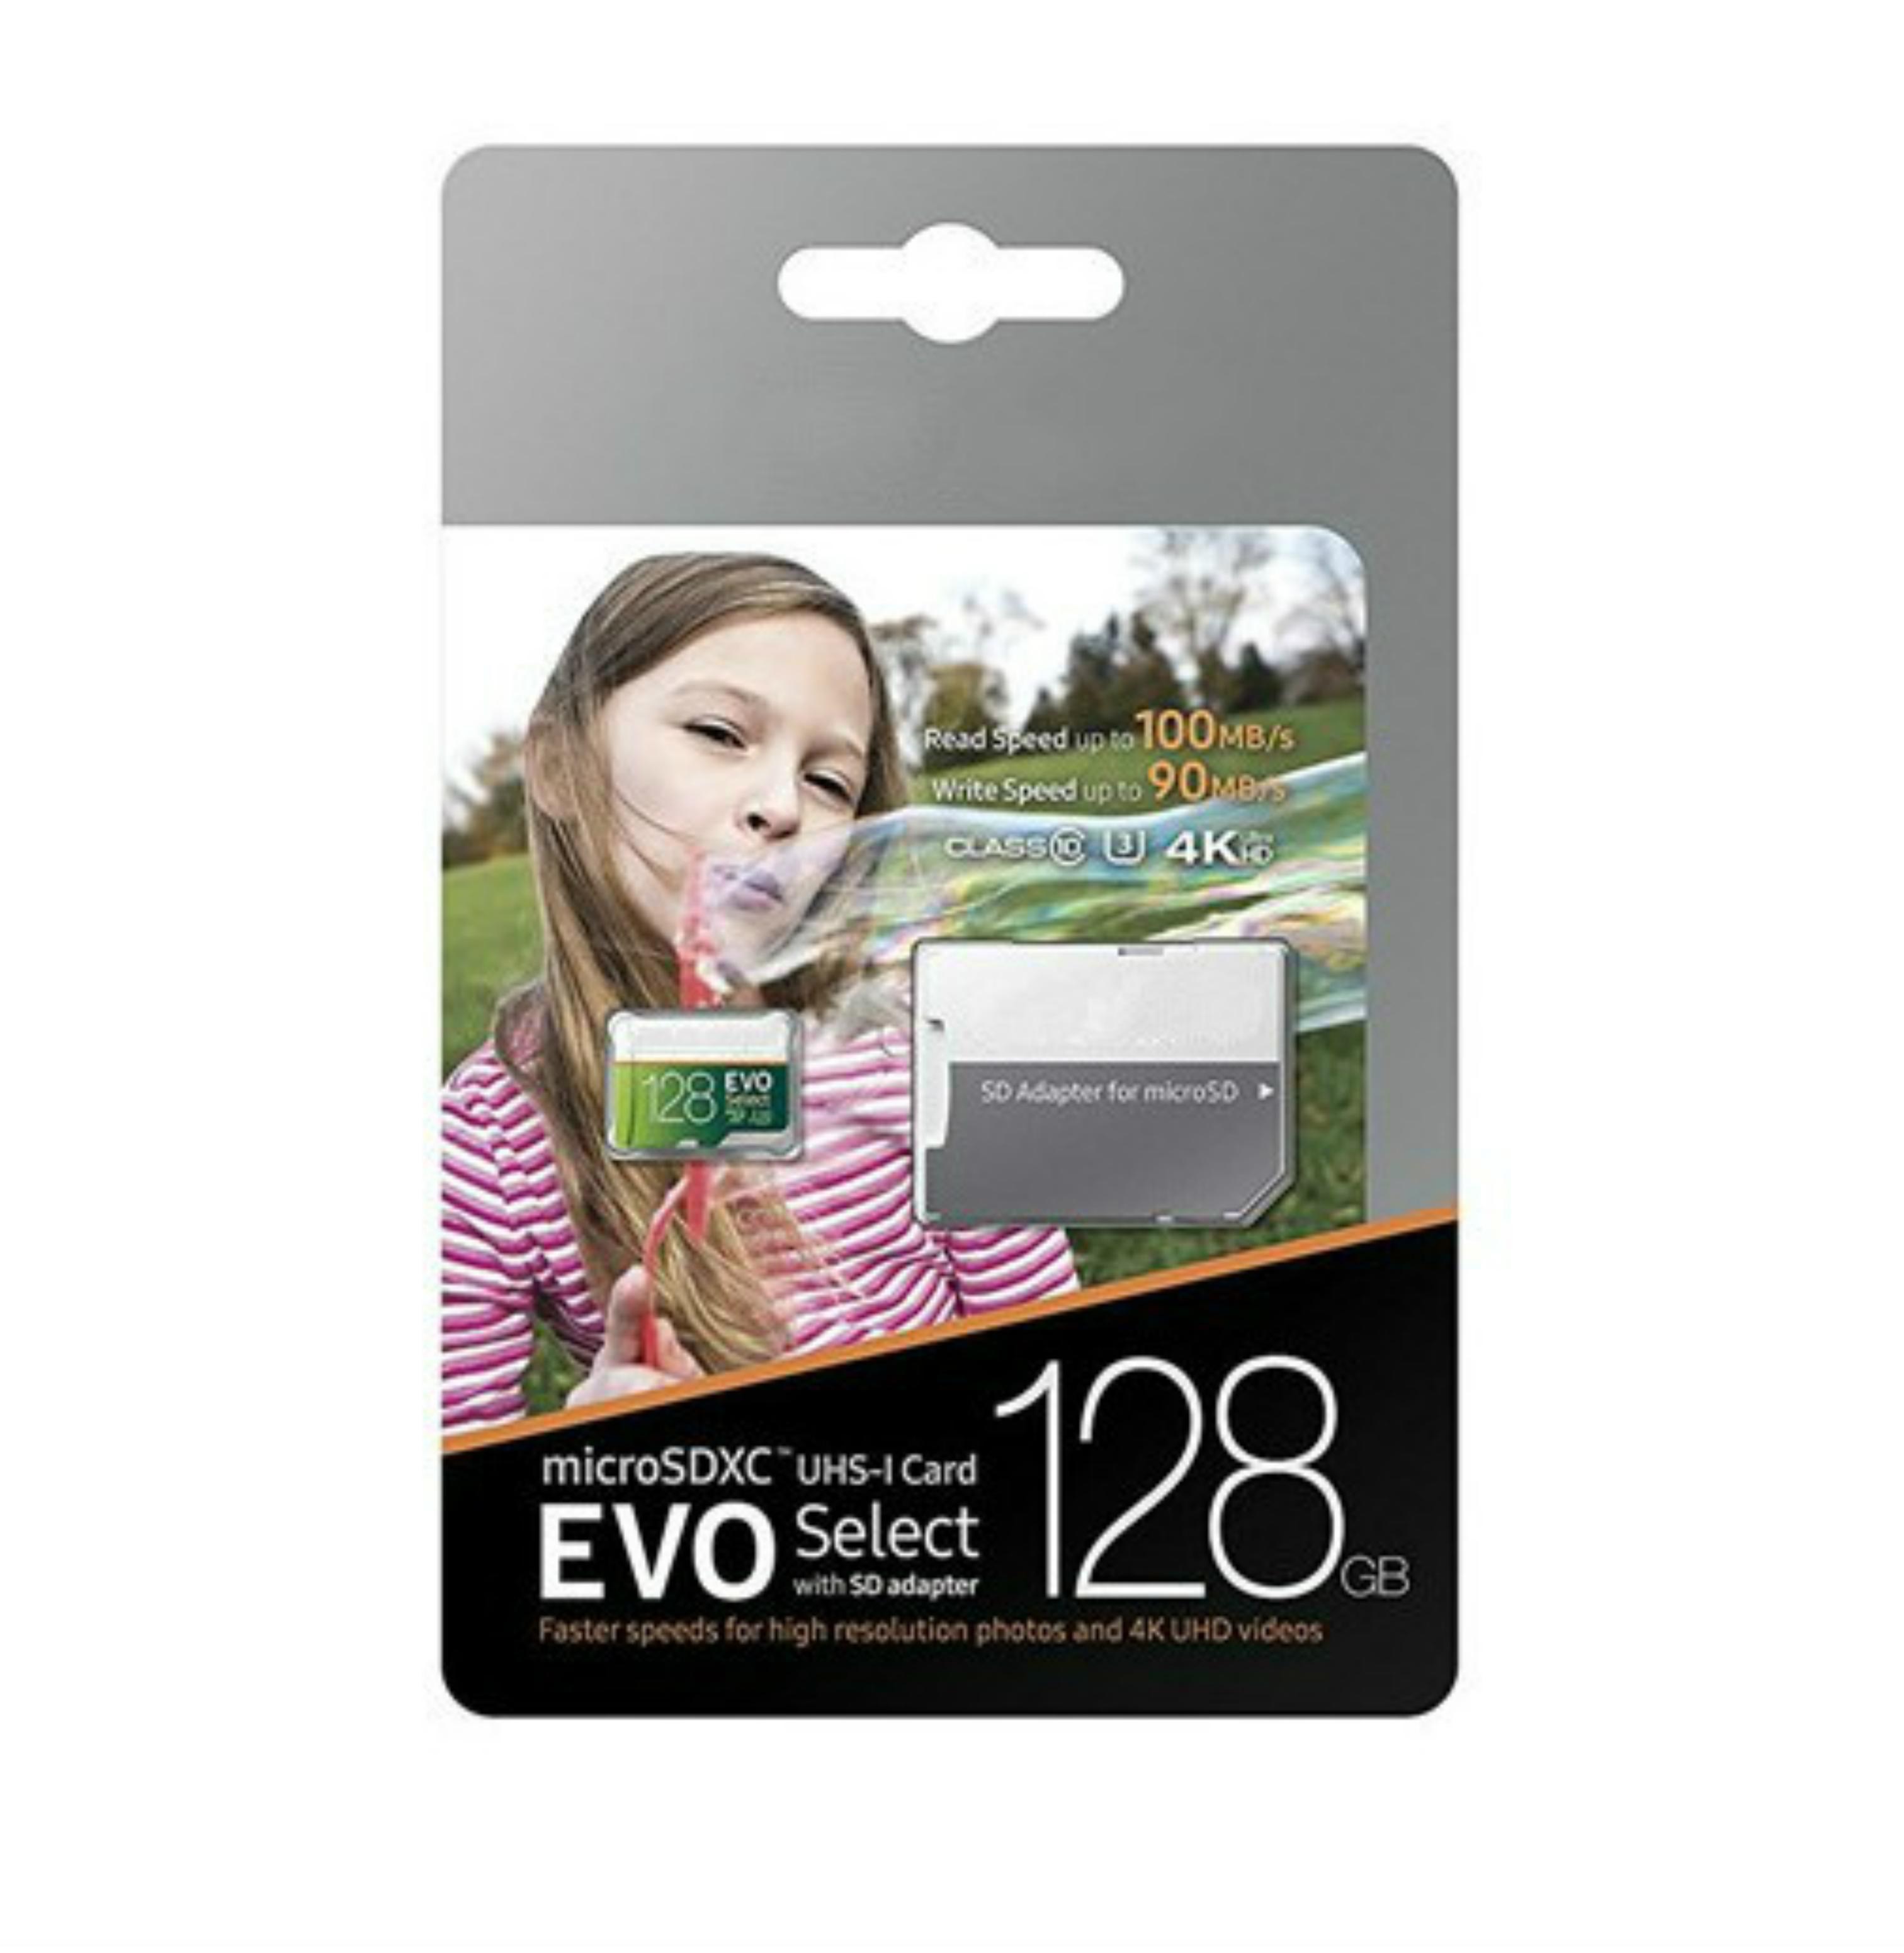 DHL Shipping 16GB / 32GB / 64GB / 128GB / 256GB Samsung Evo Выберите Micro SD Card / Smartphone Card Card / Car Recorder TF Card / SDXC карта памяти 100 МБ